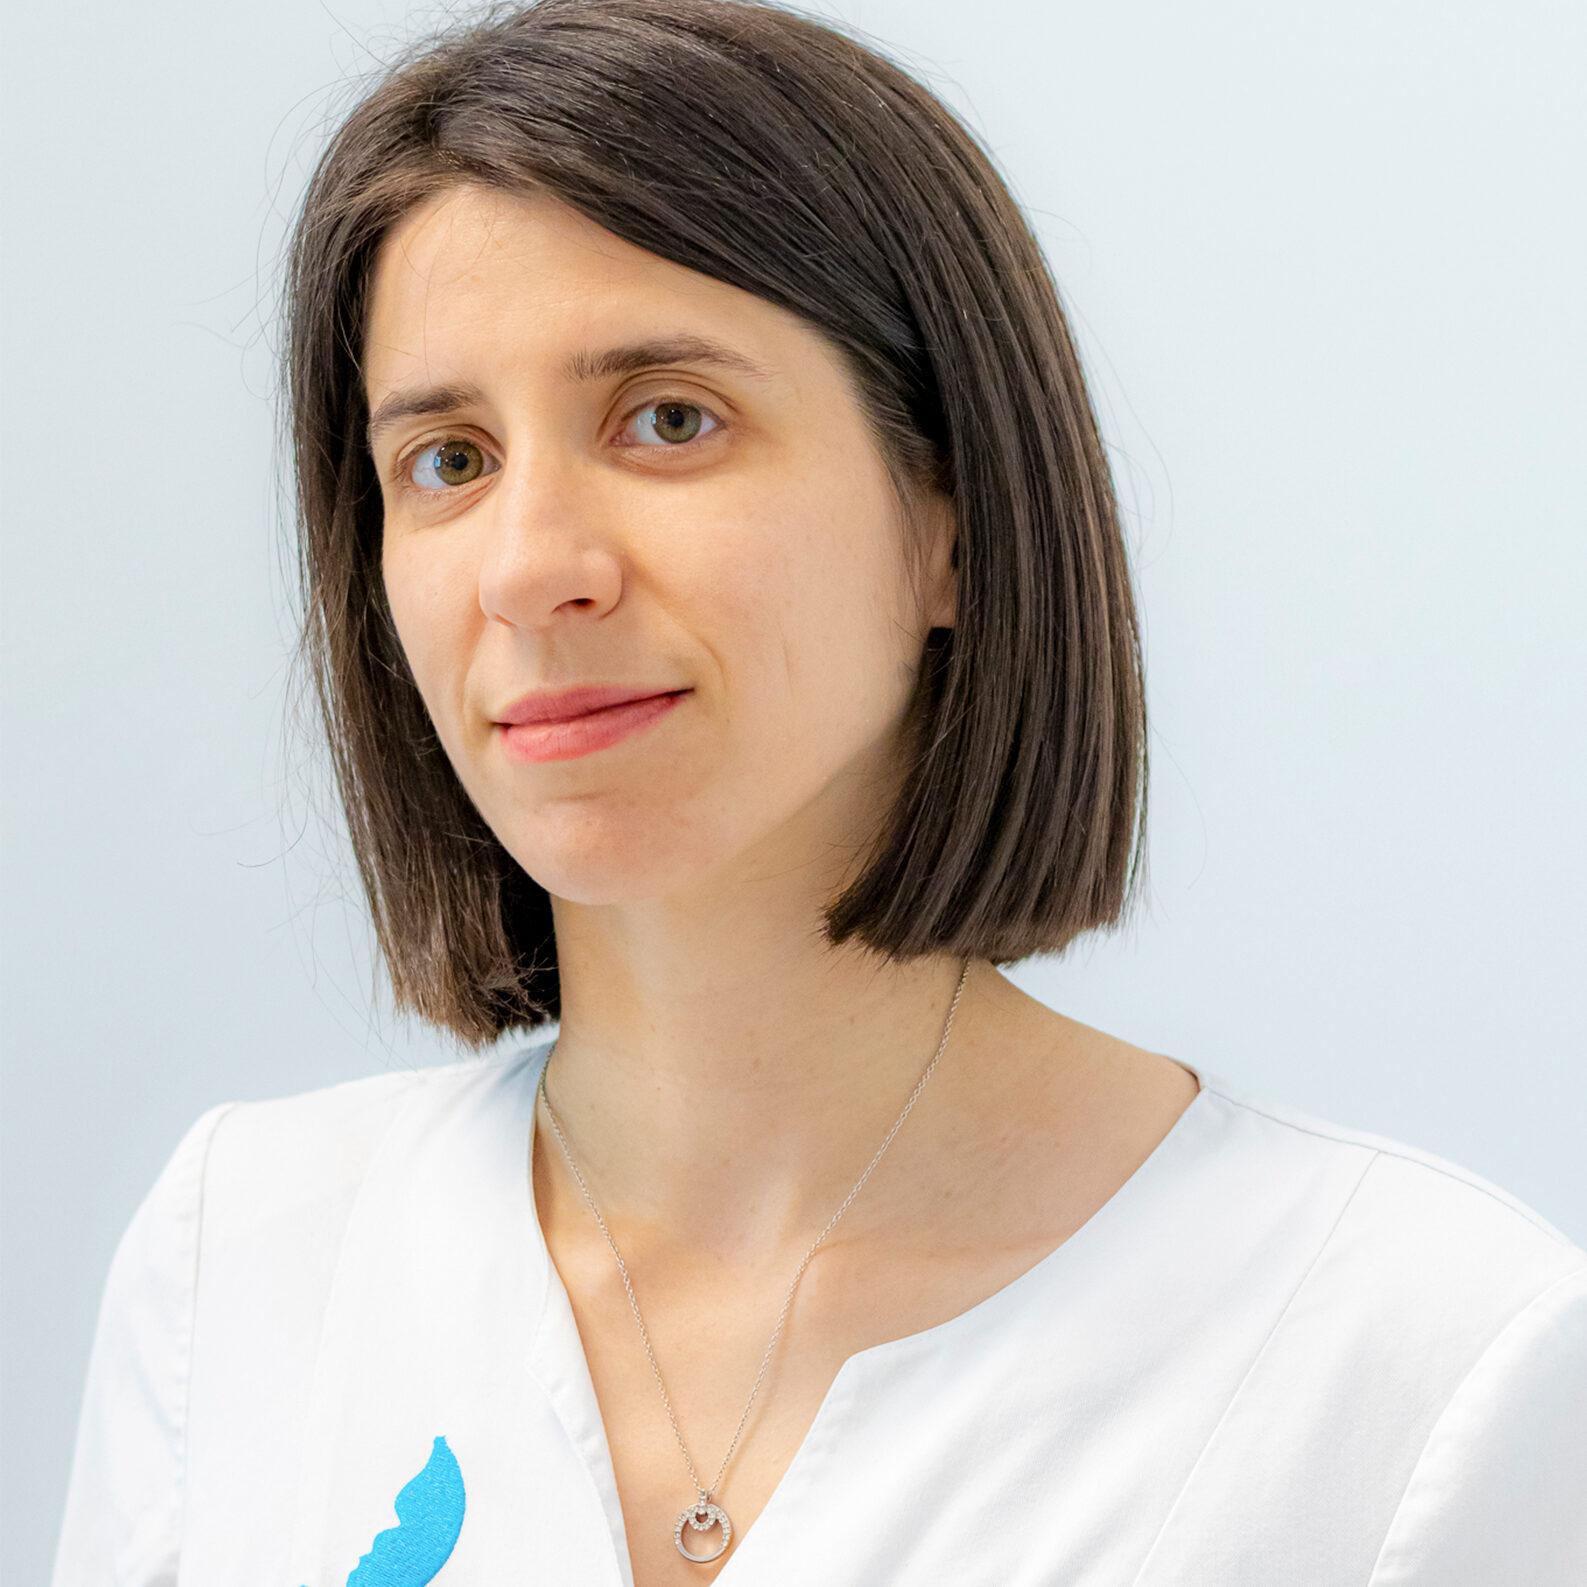 dermatologa-sandra-mateo